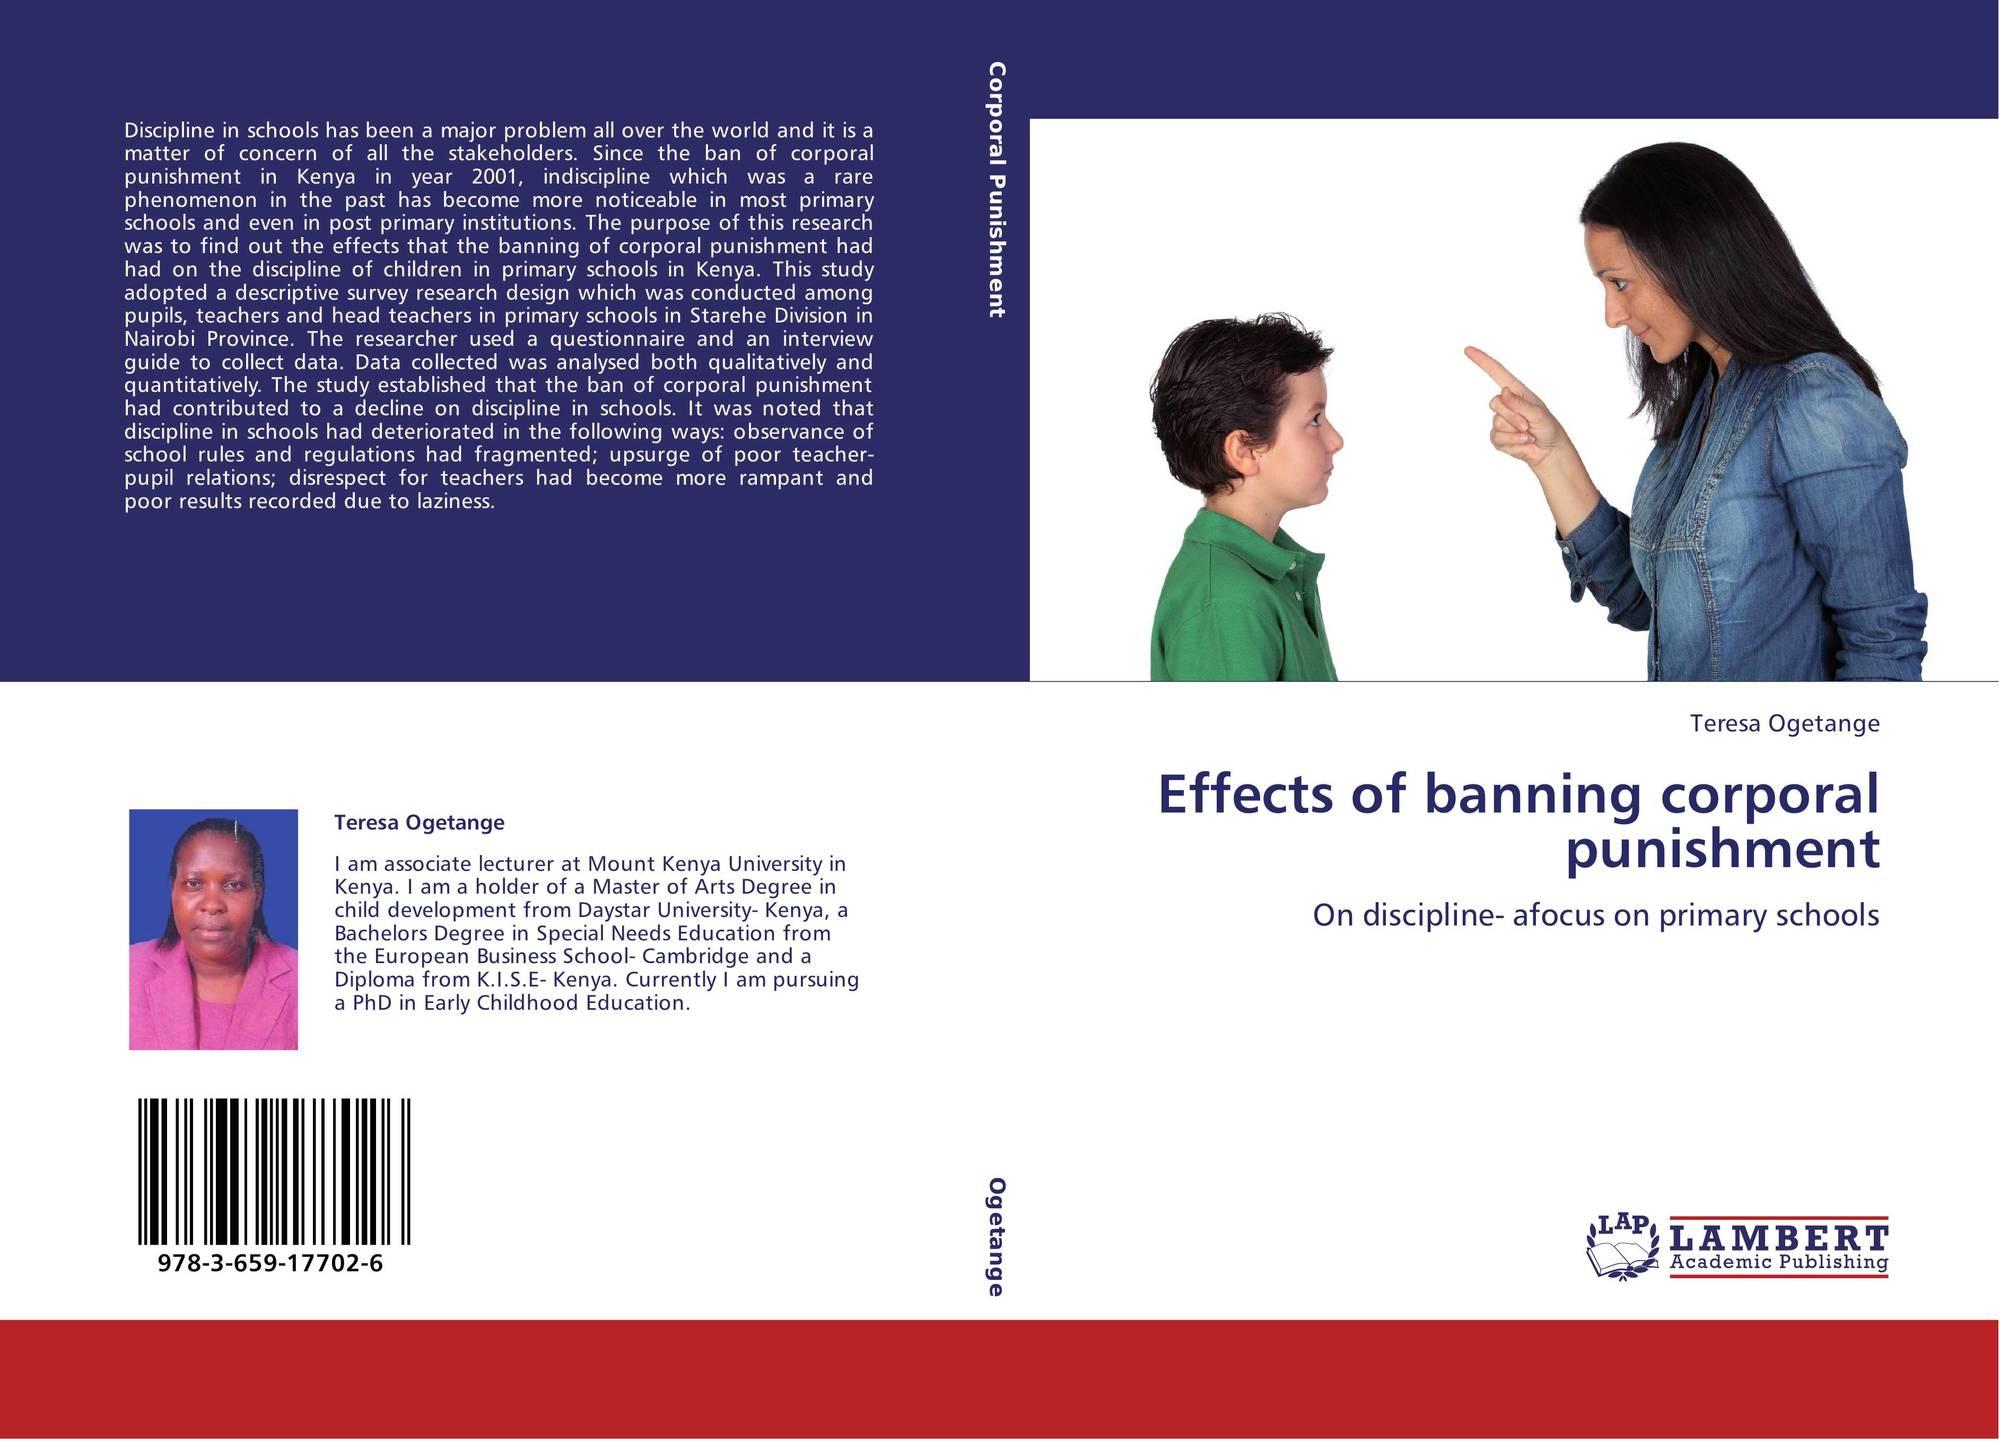 capital punishment in schools essay